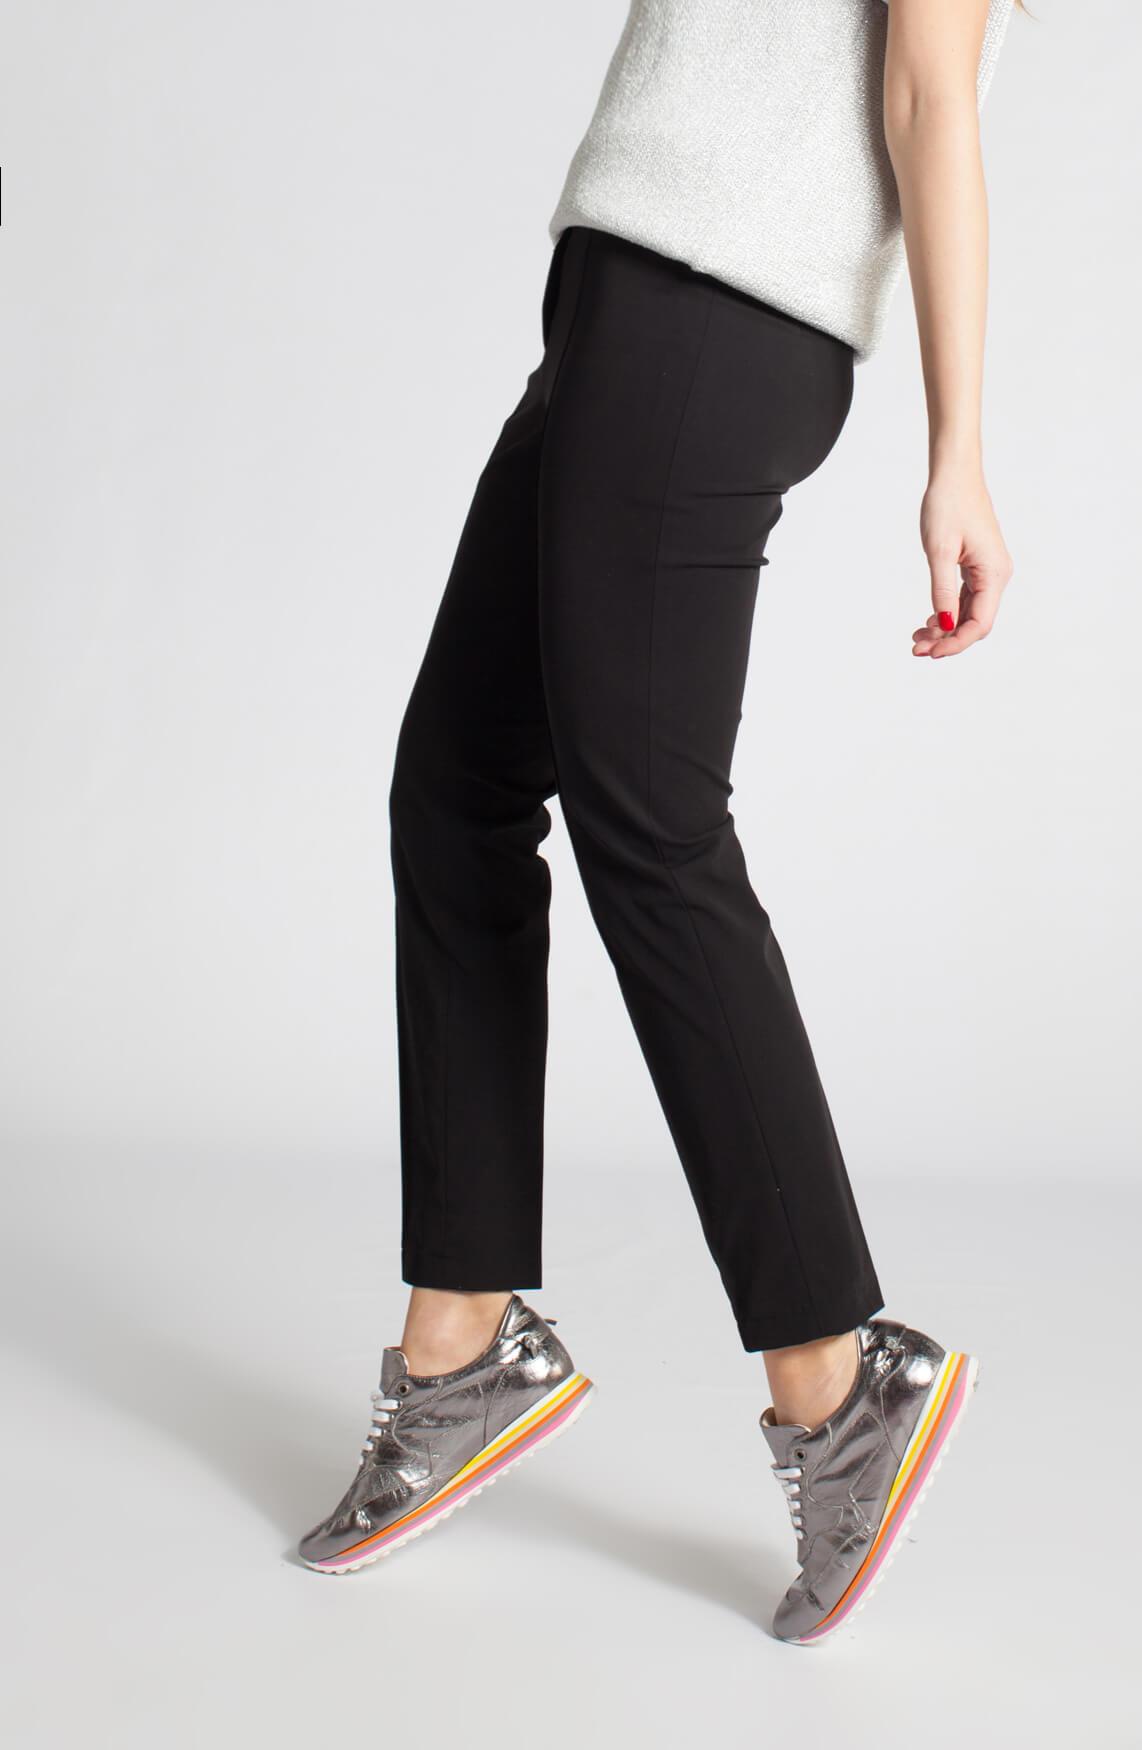 Cambio Dames Ros pantalon 0